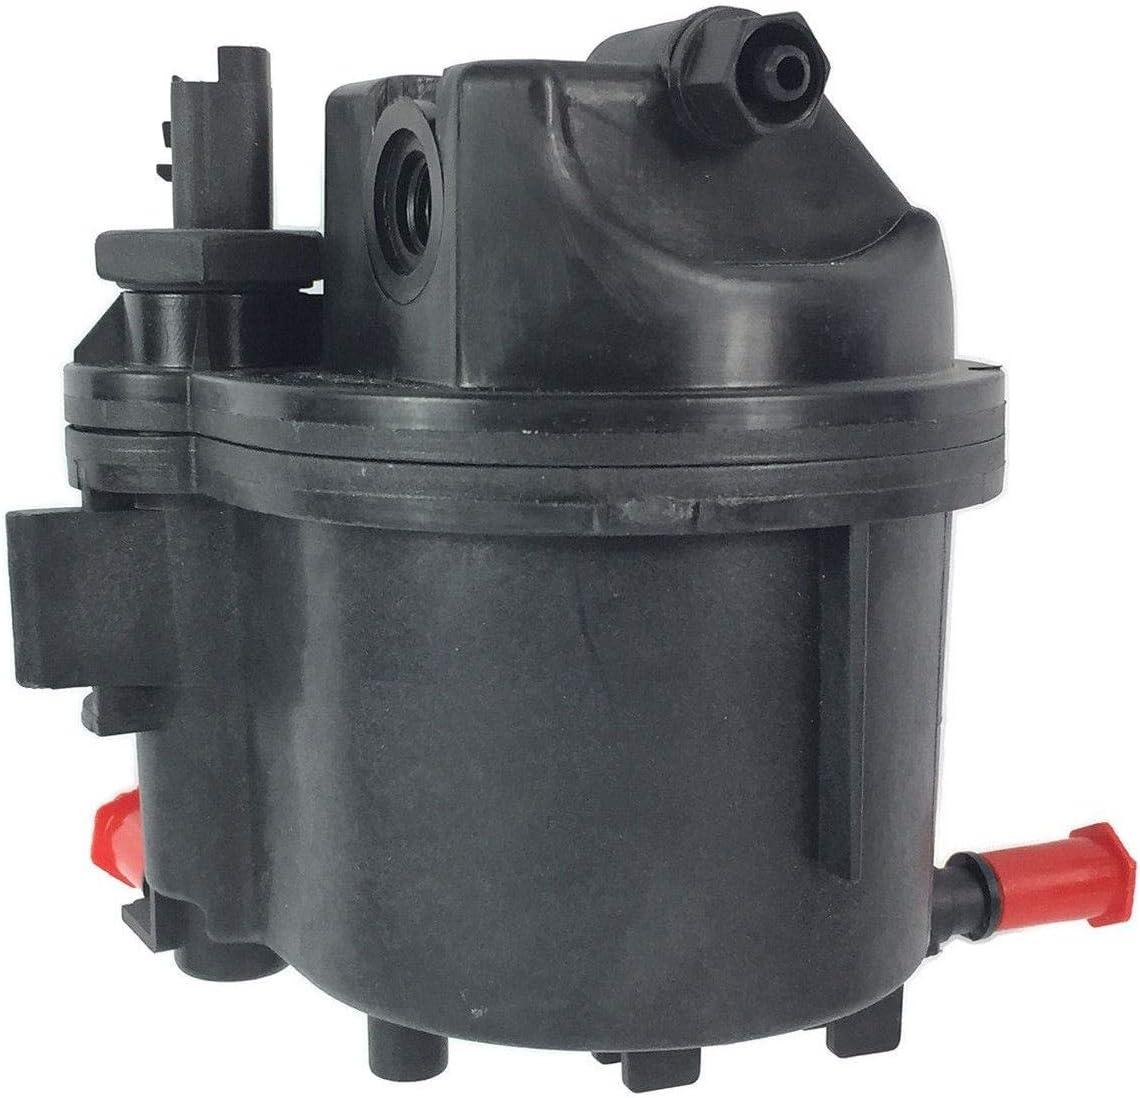 1.4 HDI 1677302 Transit Parts Fuel Filter Fits Fiesta MK5 MK6 1.4 Tdci